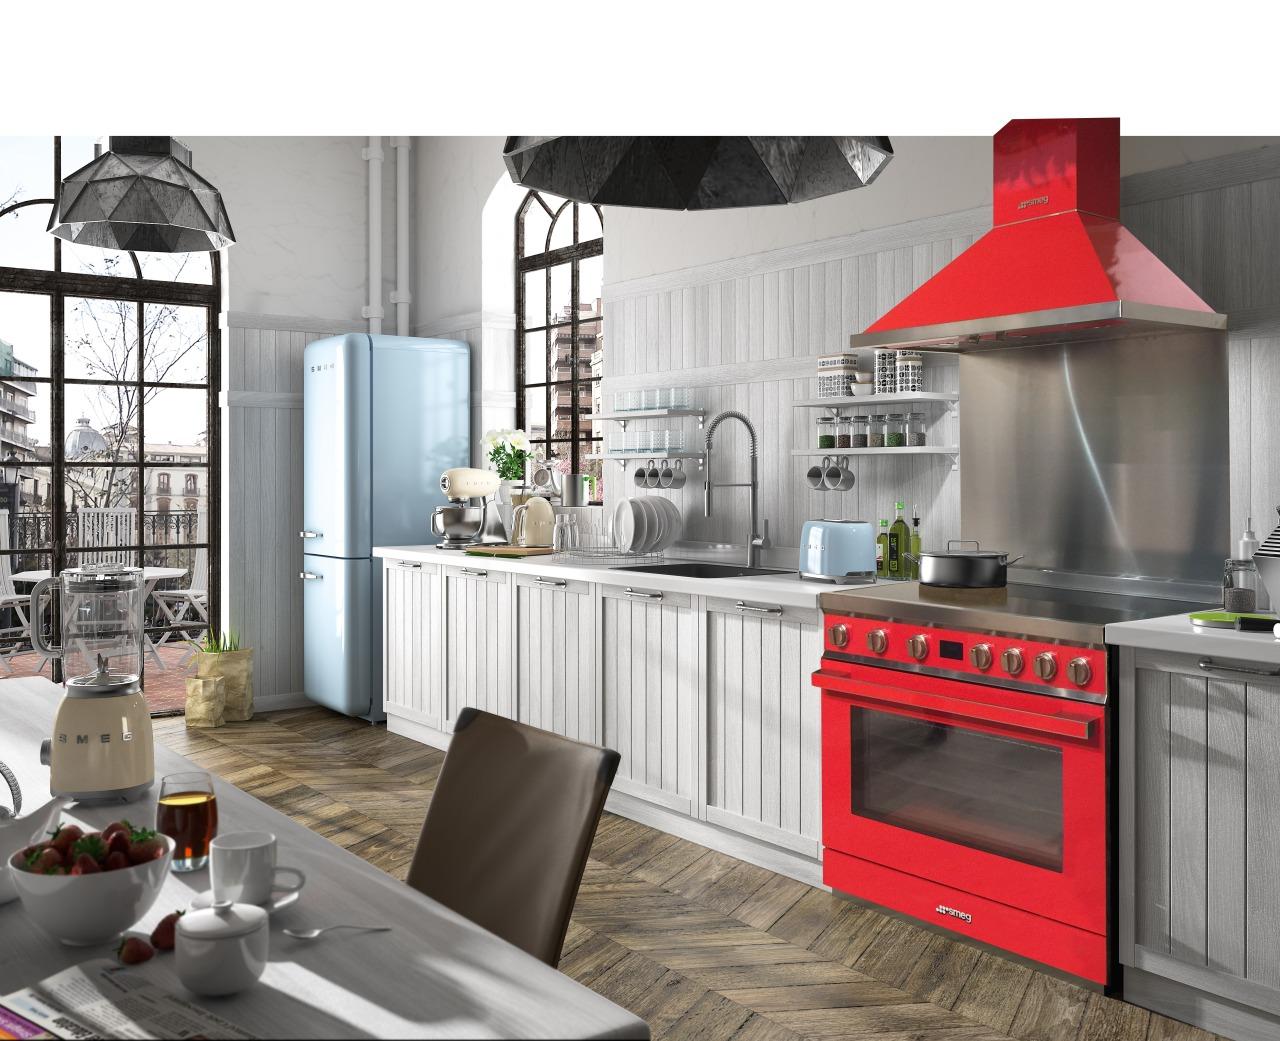 Bold and brand-new, Smegs colourful Portofino is a countertop, cuisine classique, home appliance, interior design, kitchen, white, gray